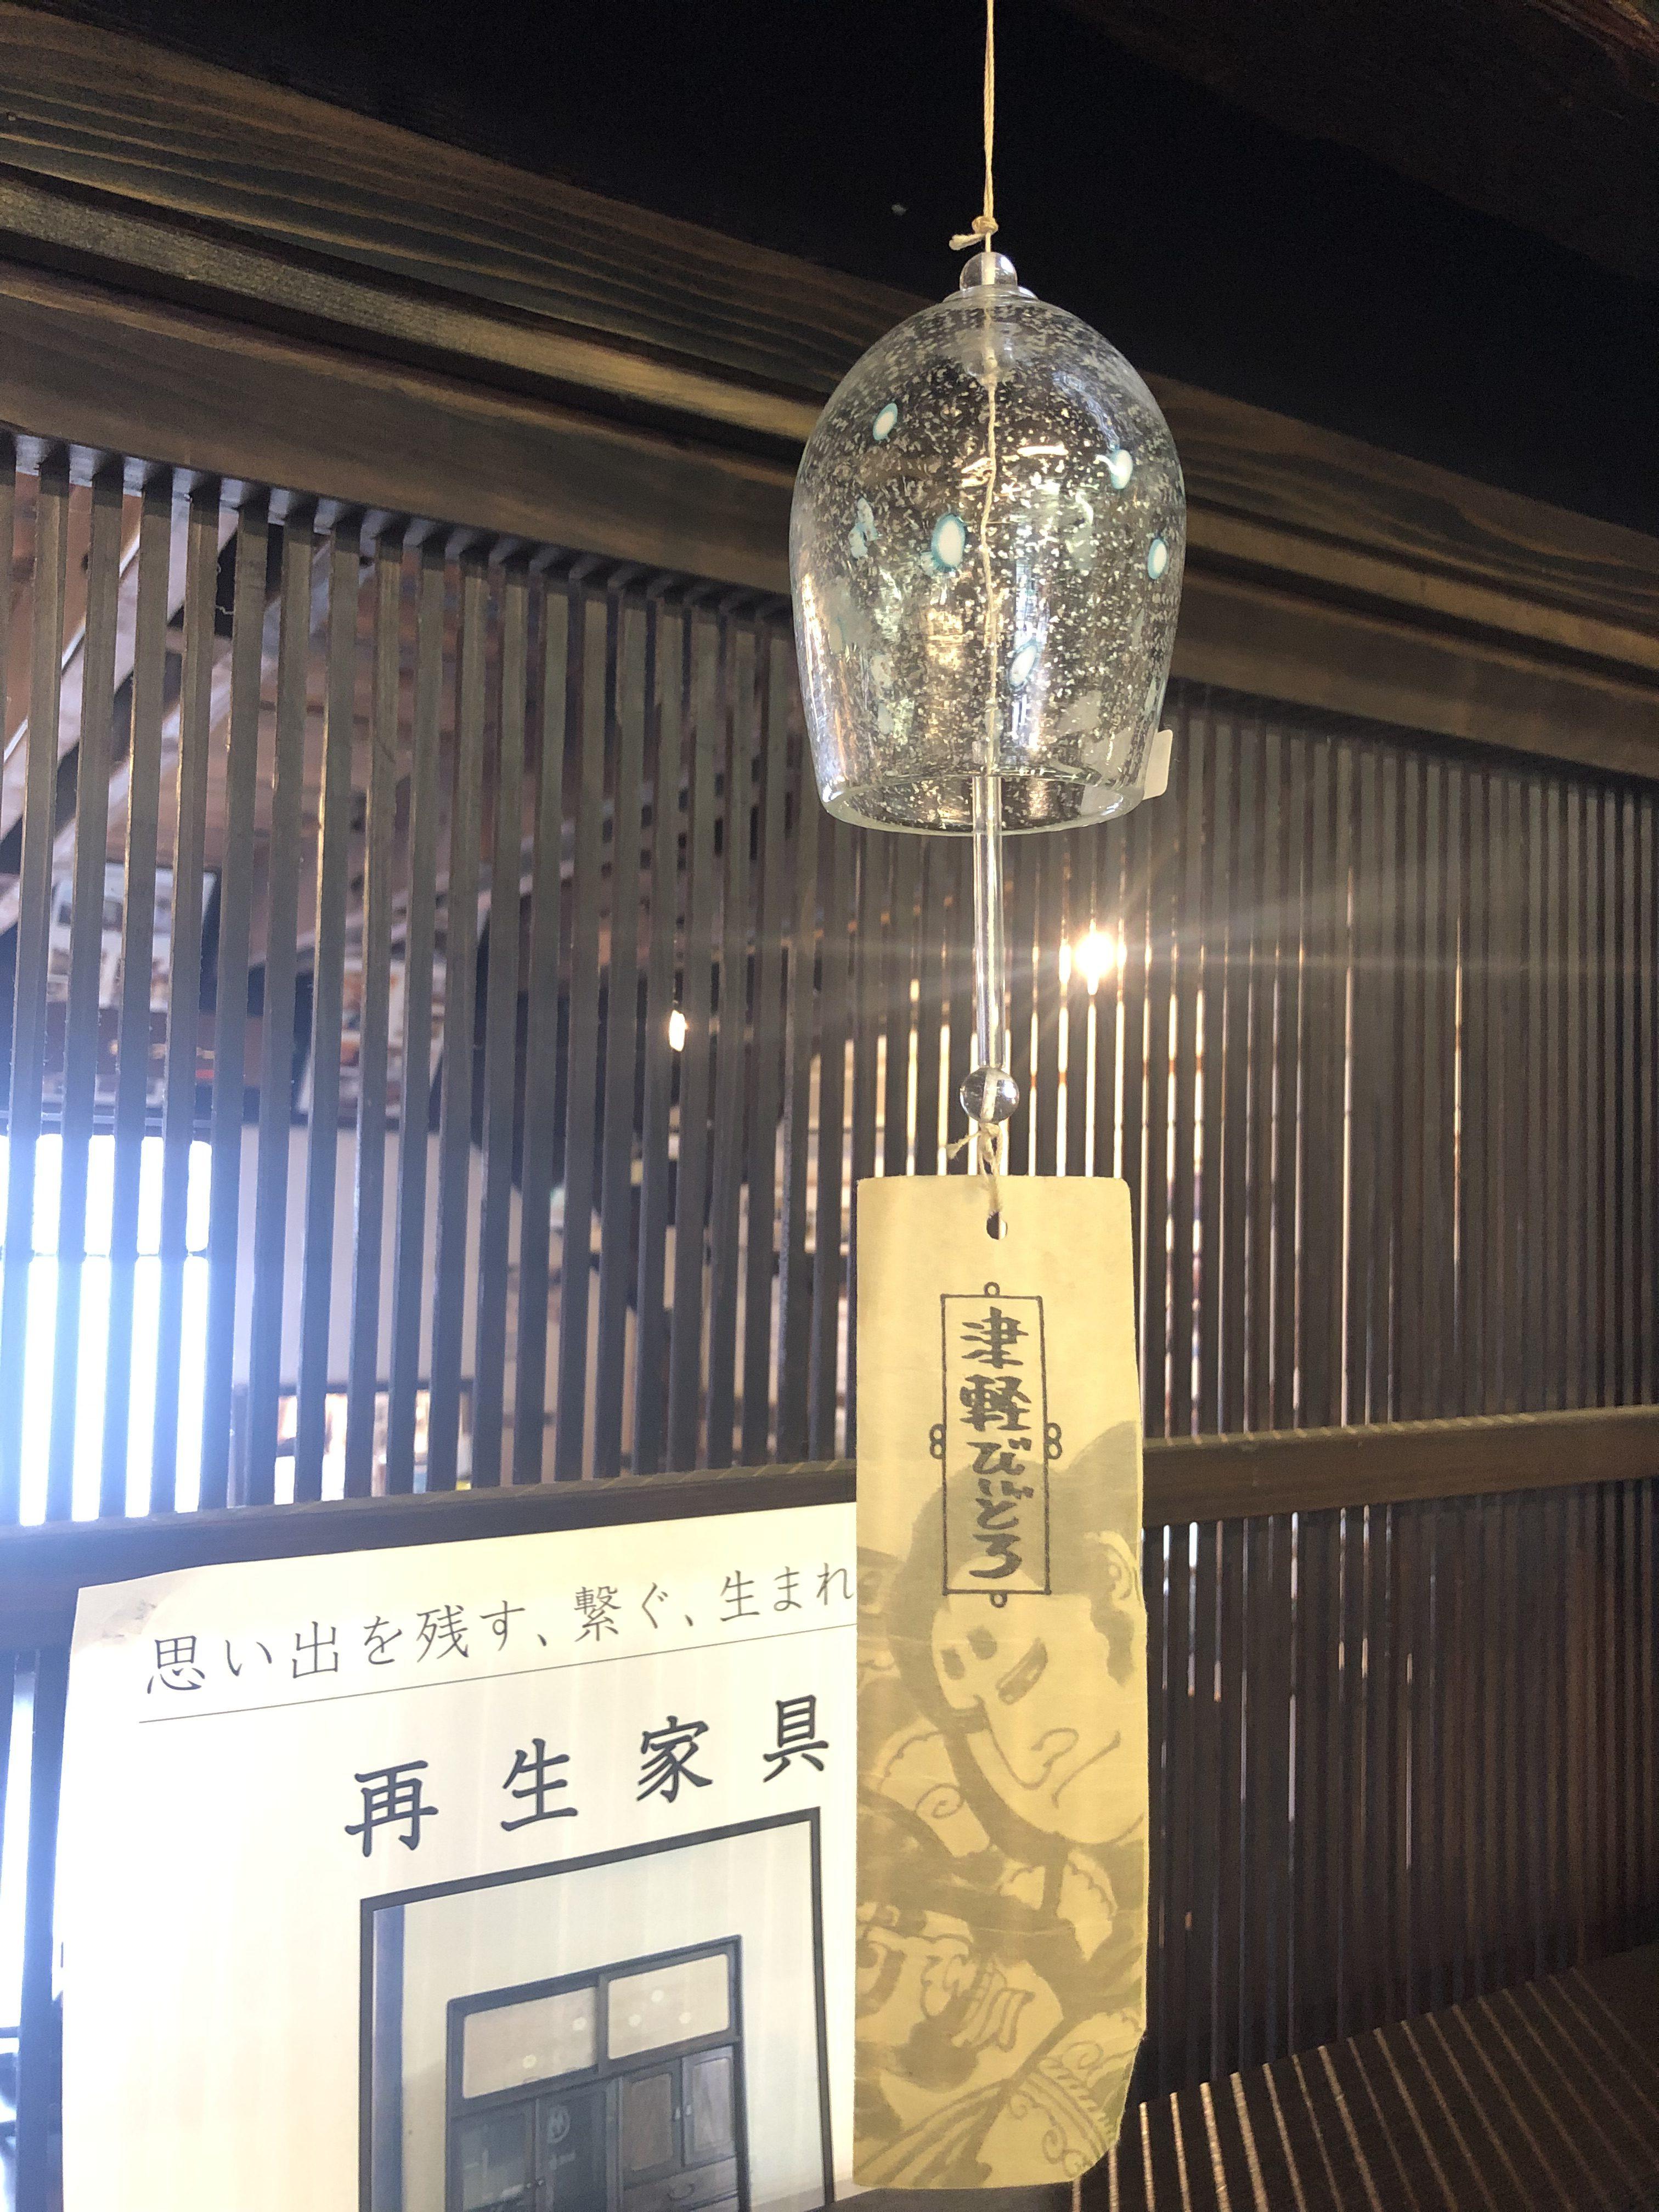 愛知県碧南市の古材家具ショップ「今月のお買い得」7月